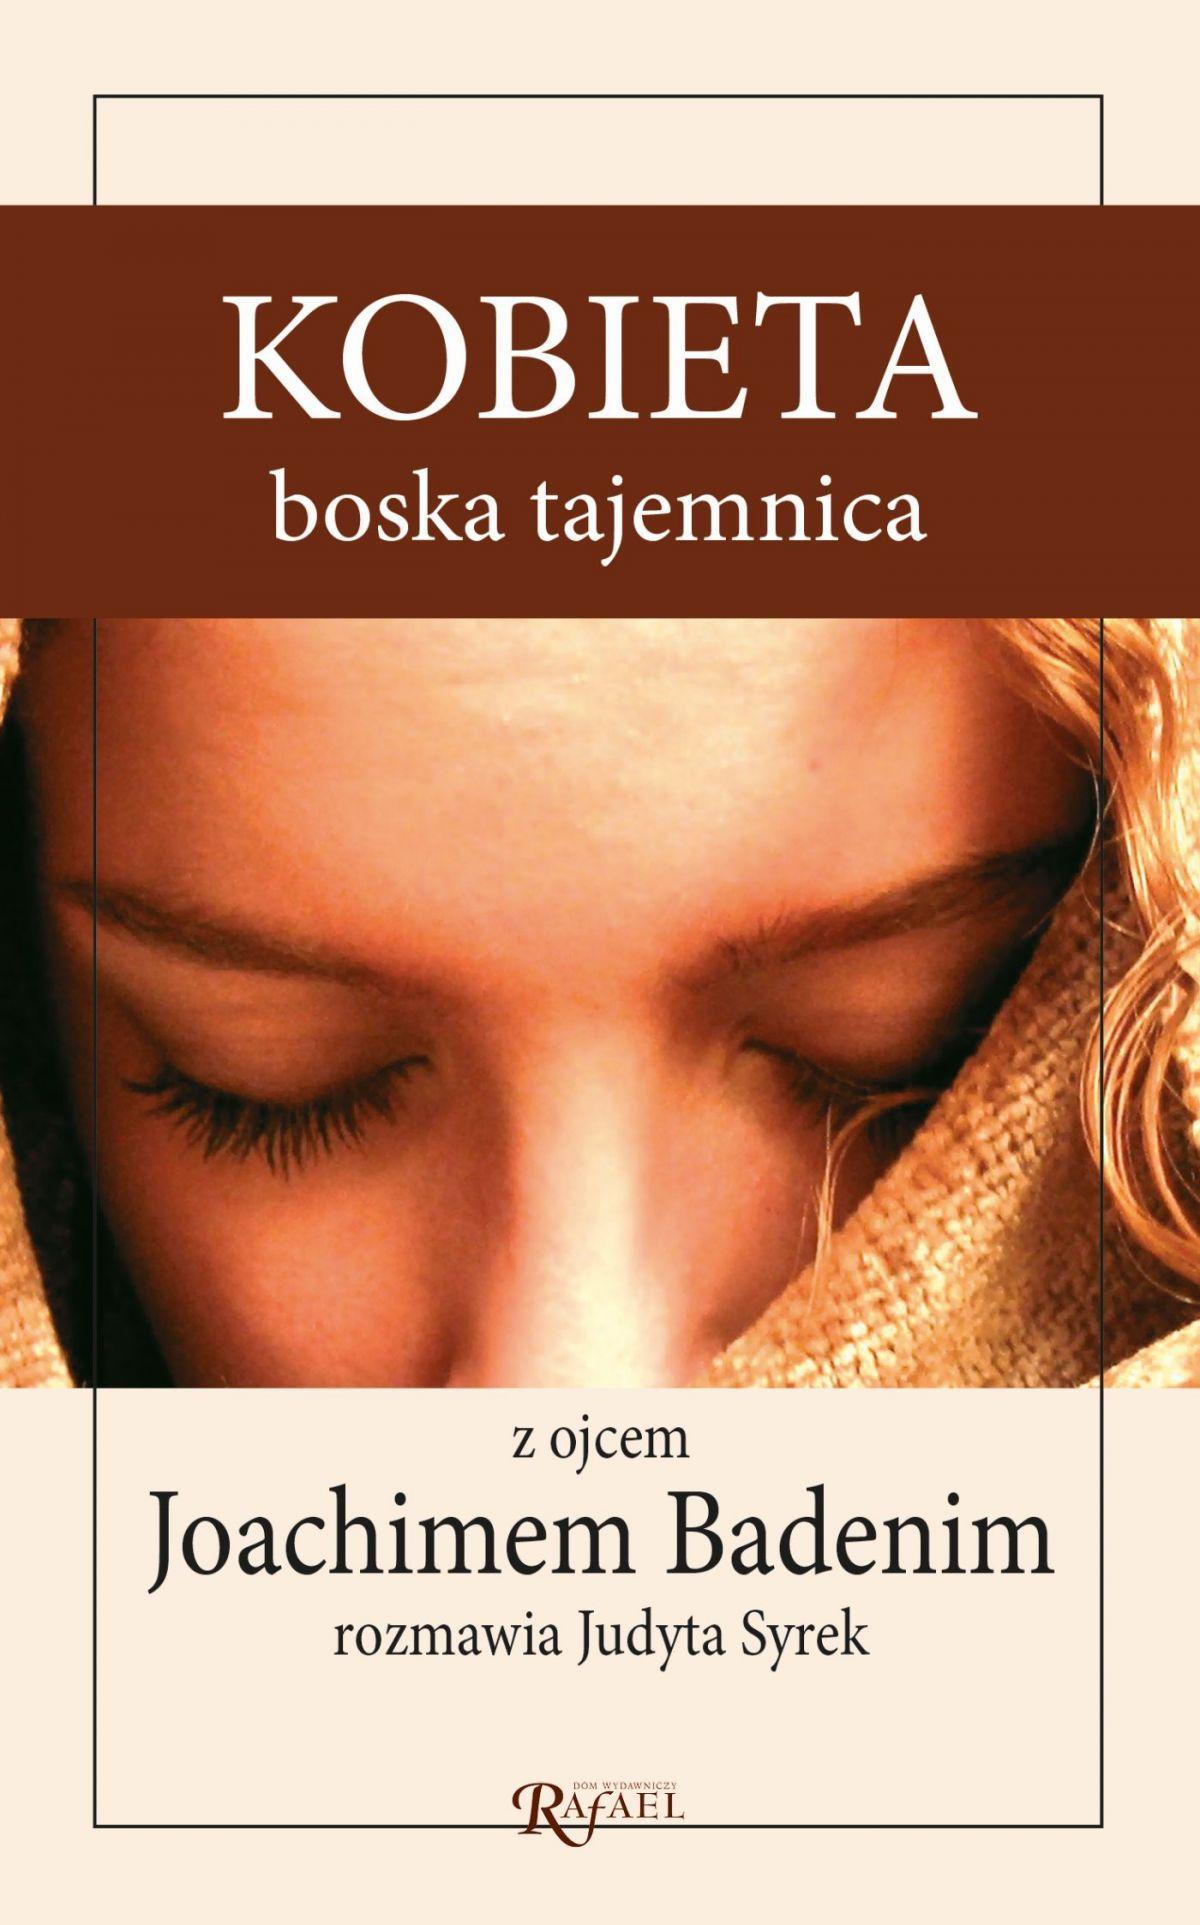 Kobieta, boska tajemnica. Z ojcem Joachimem Badenim rozmawia Judyta Syrek - Ebook (Książka EPUB) do pobrania w formacie EPUB